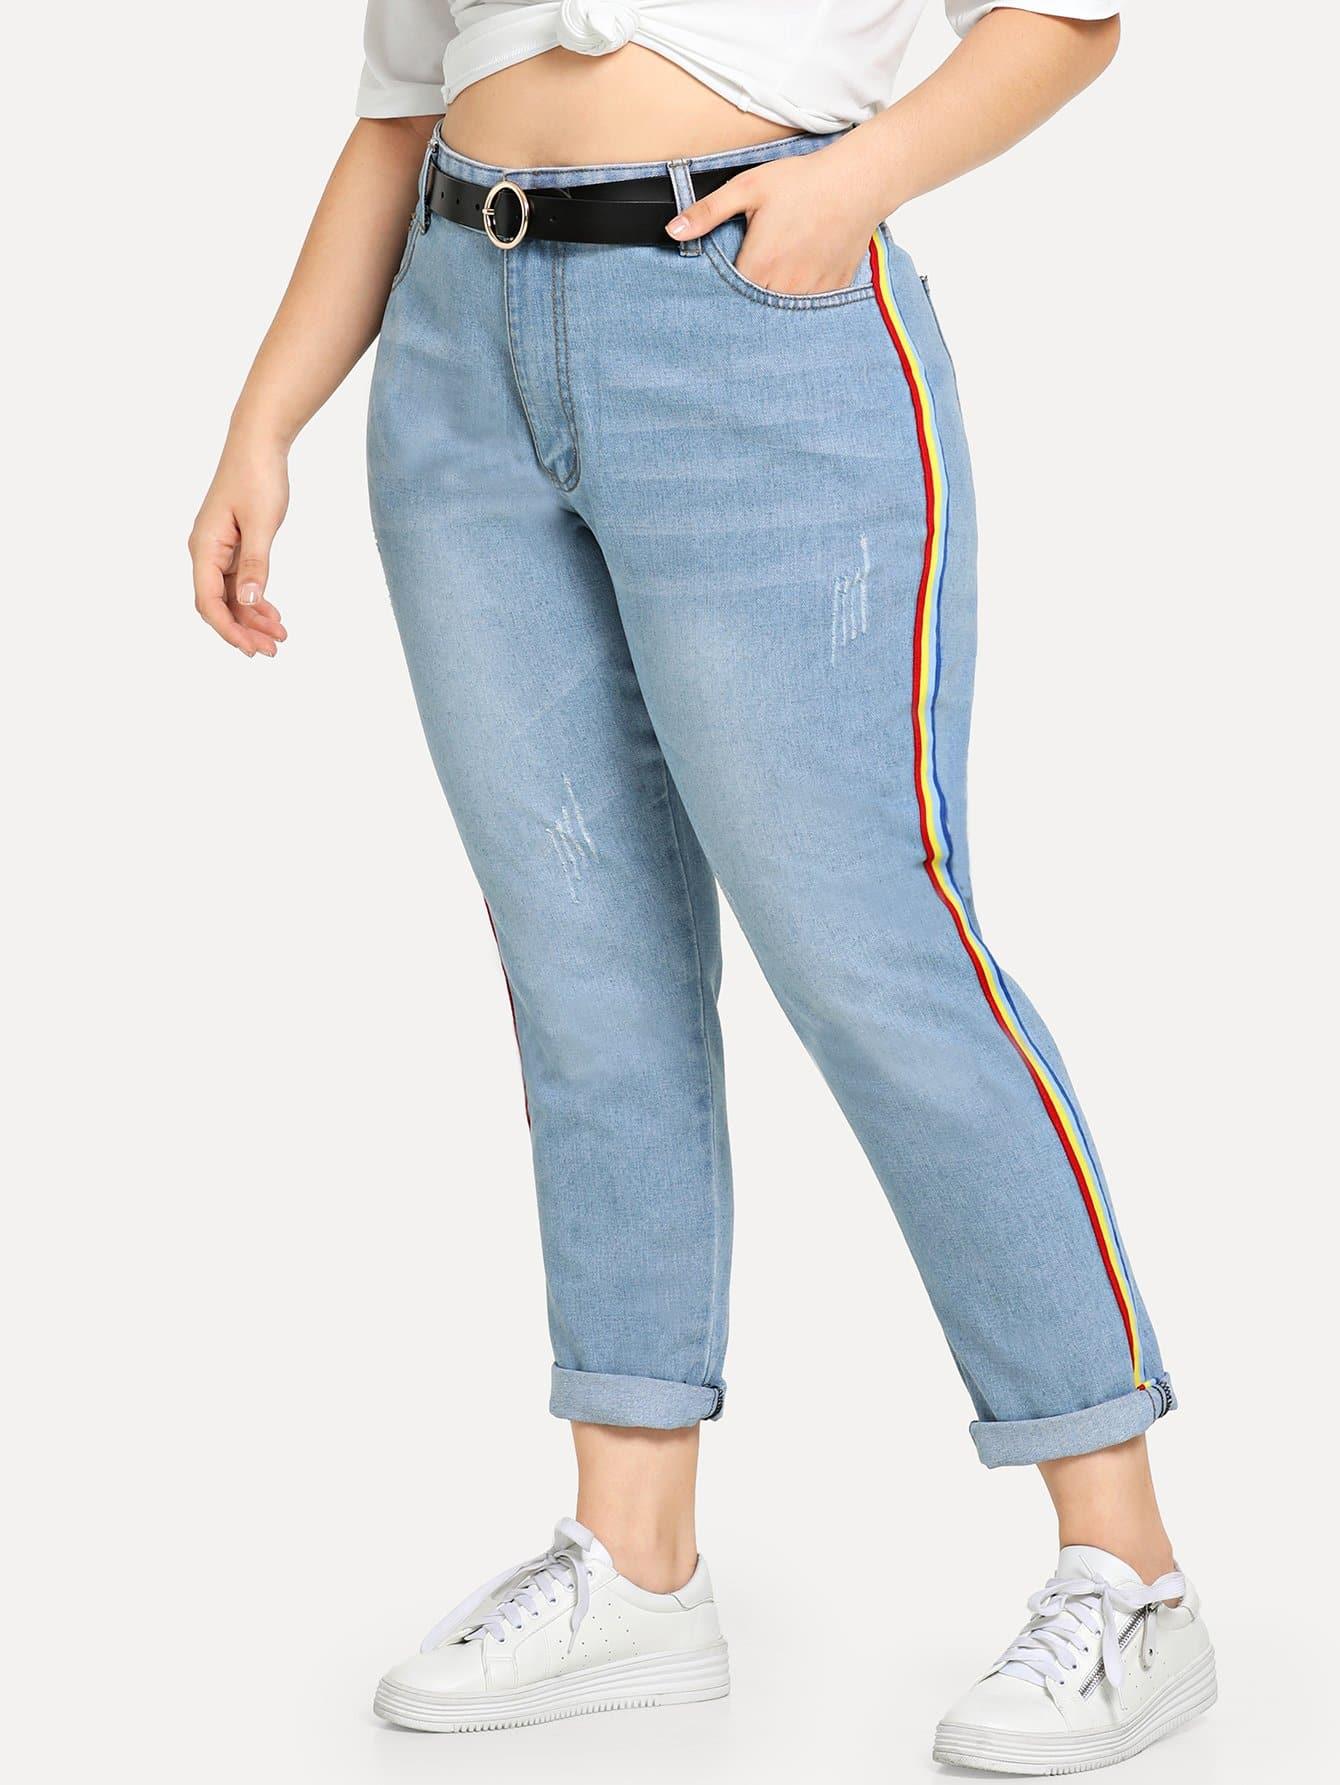 Купить Большие радужные джинсы с полосатыми лентами по обе стороны, Carol, SheIn